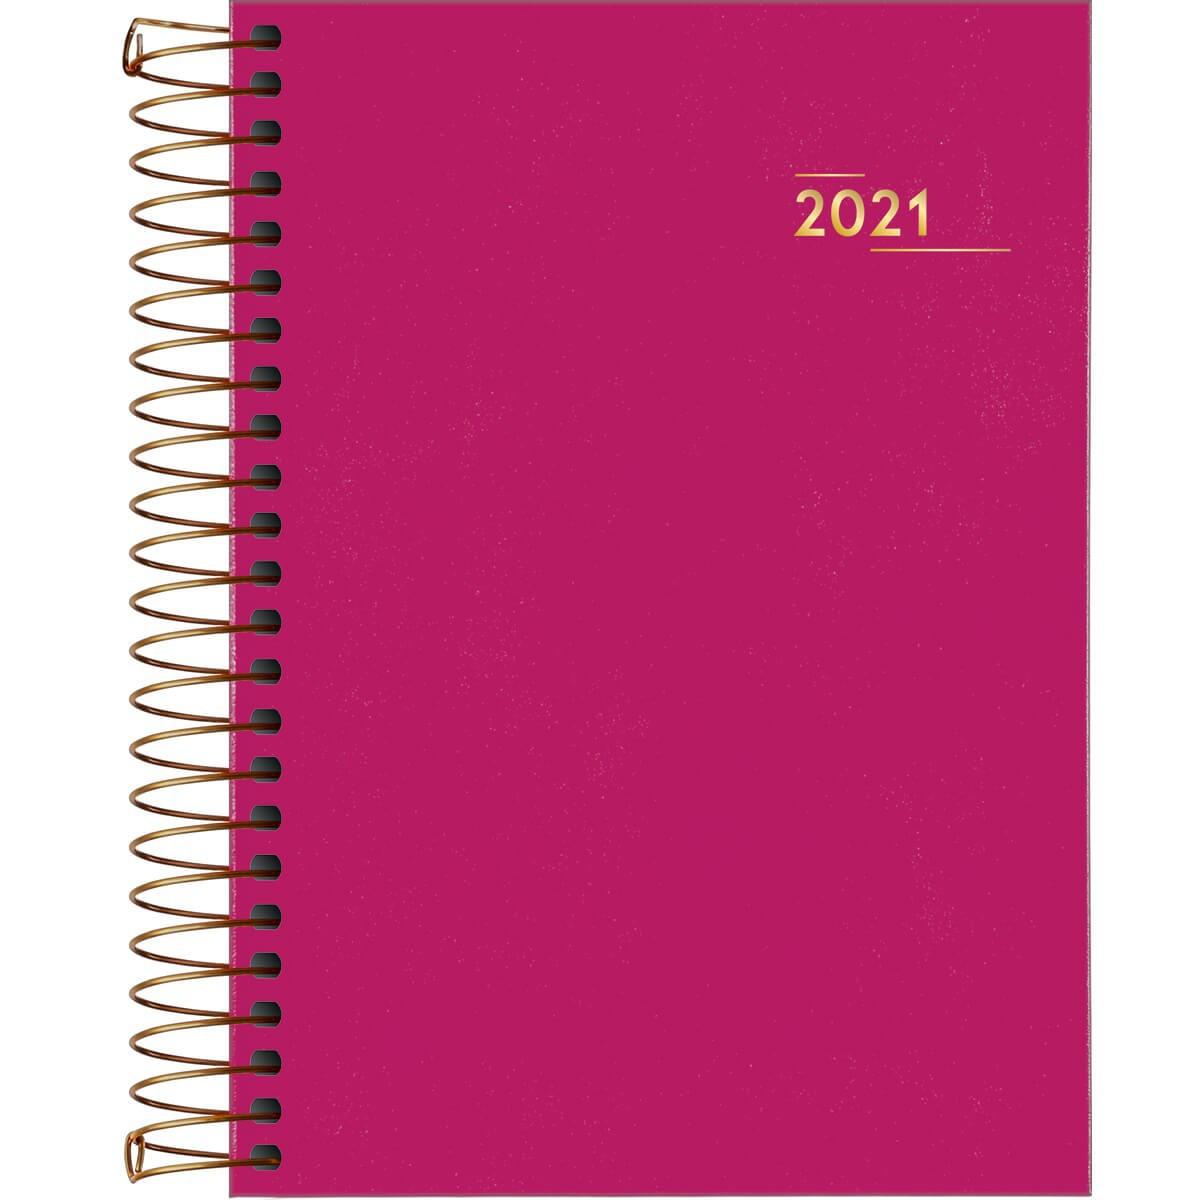 Agenda Executiva Espiral Diária Napoli Feminina 2021